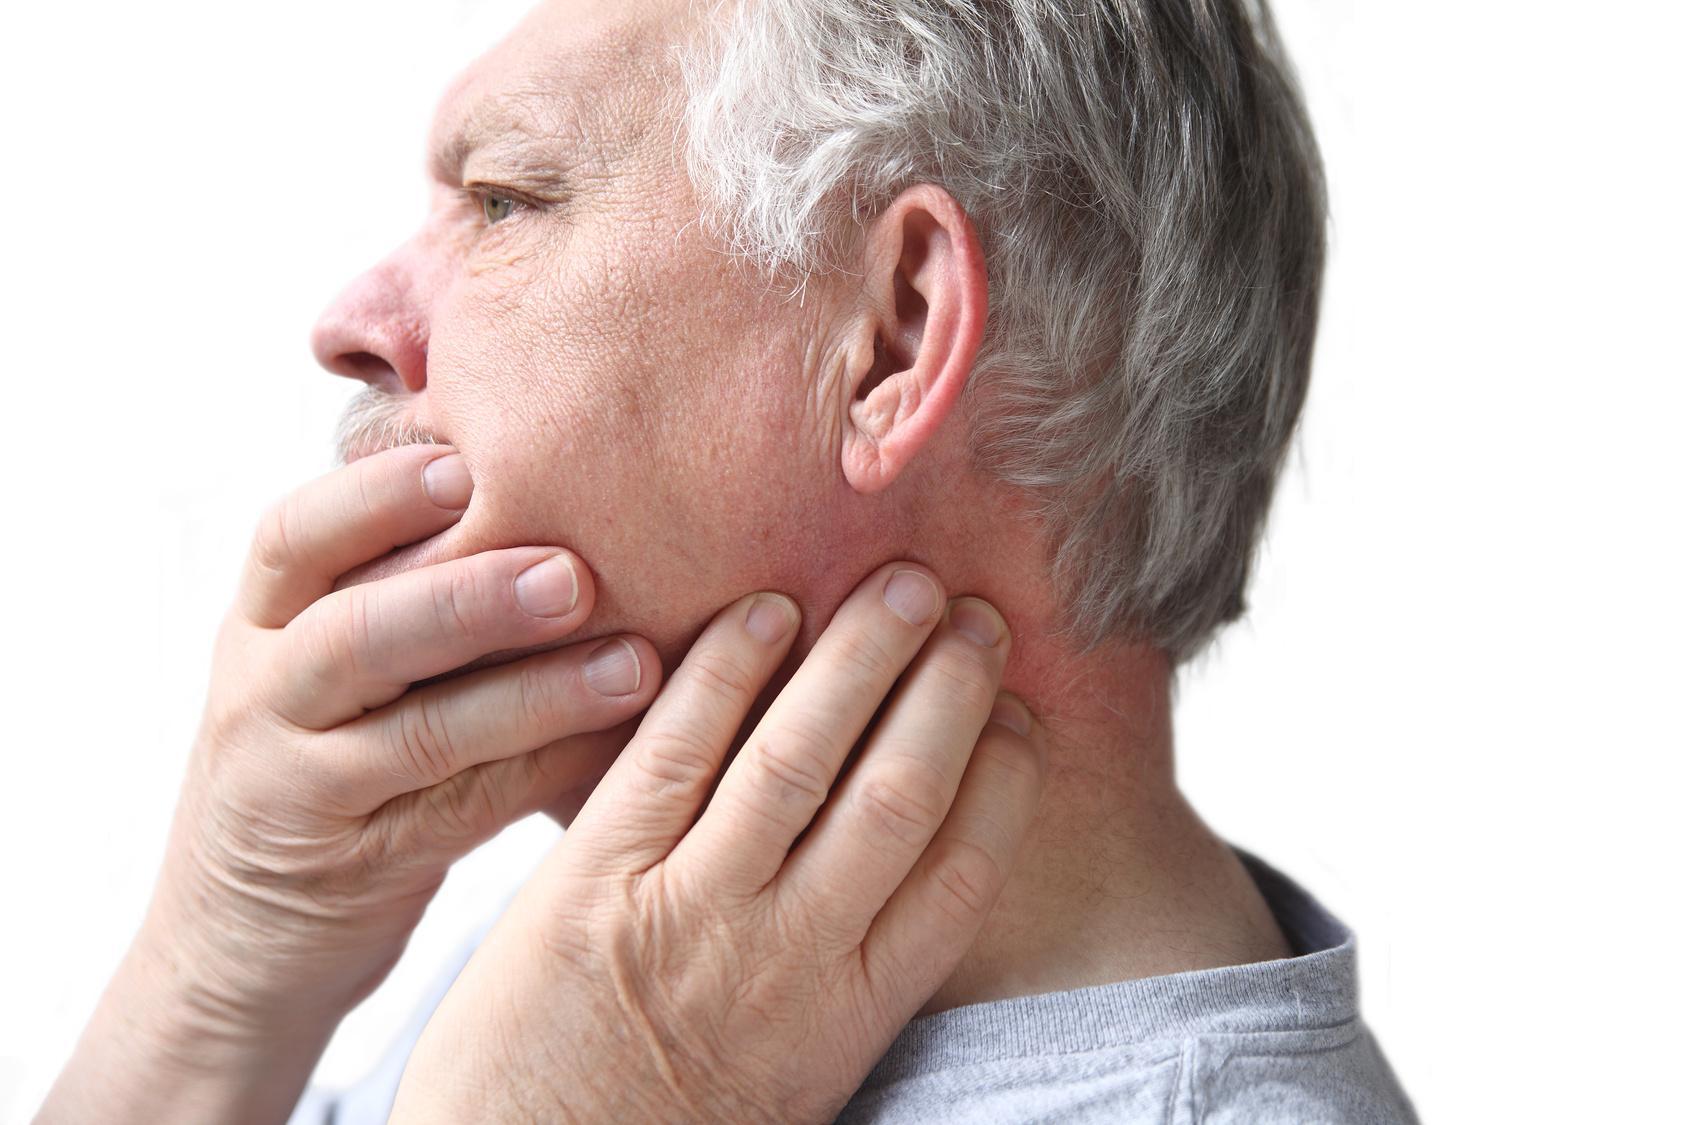 Como curar la osteocondrosis sheynogo del departamento de pecho de la columna vertebral